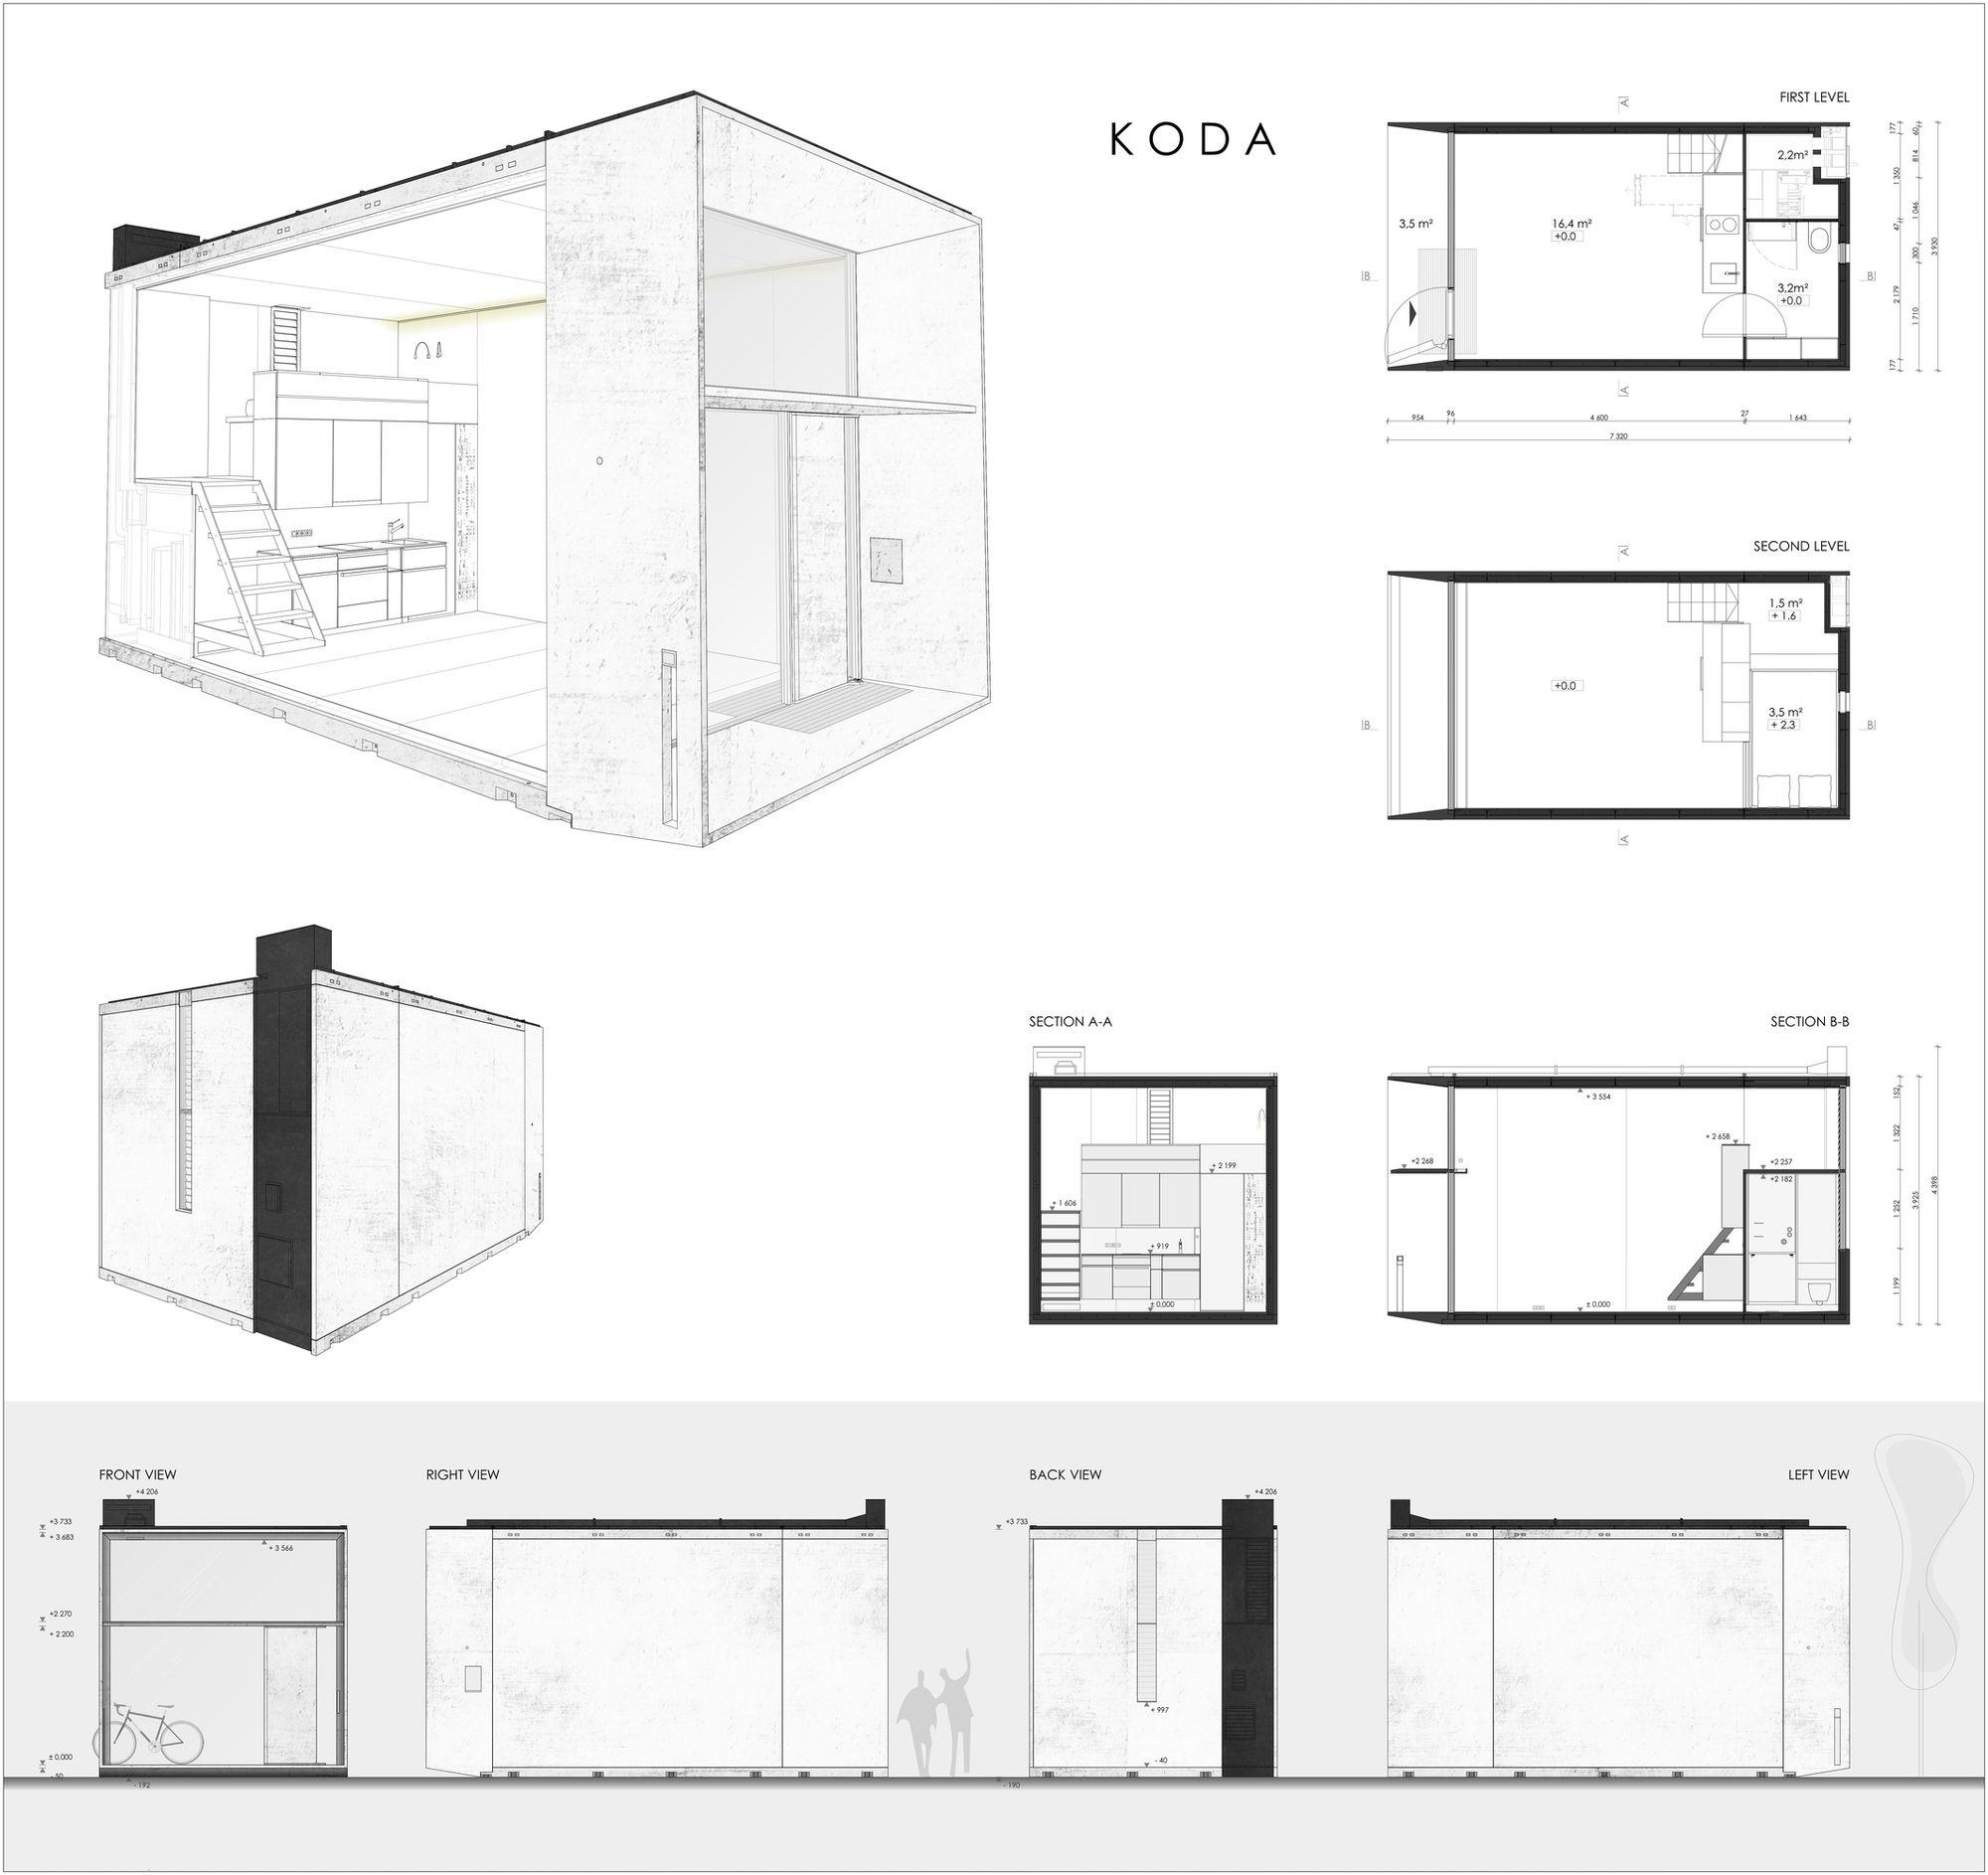 Gallery Of Koda Kodasema